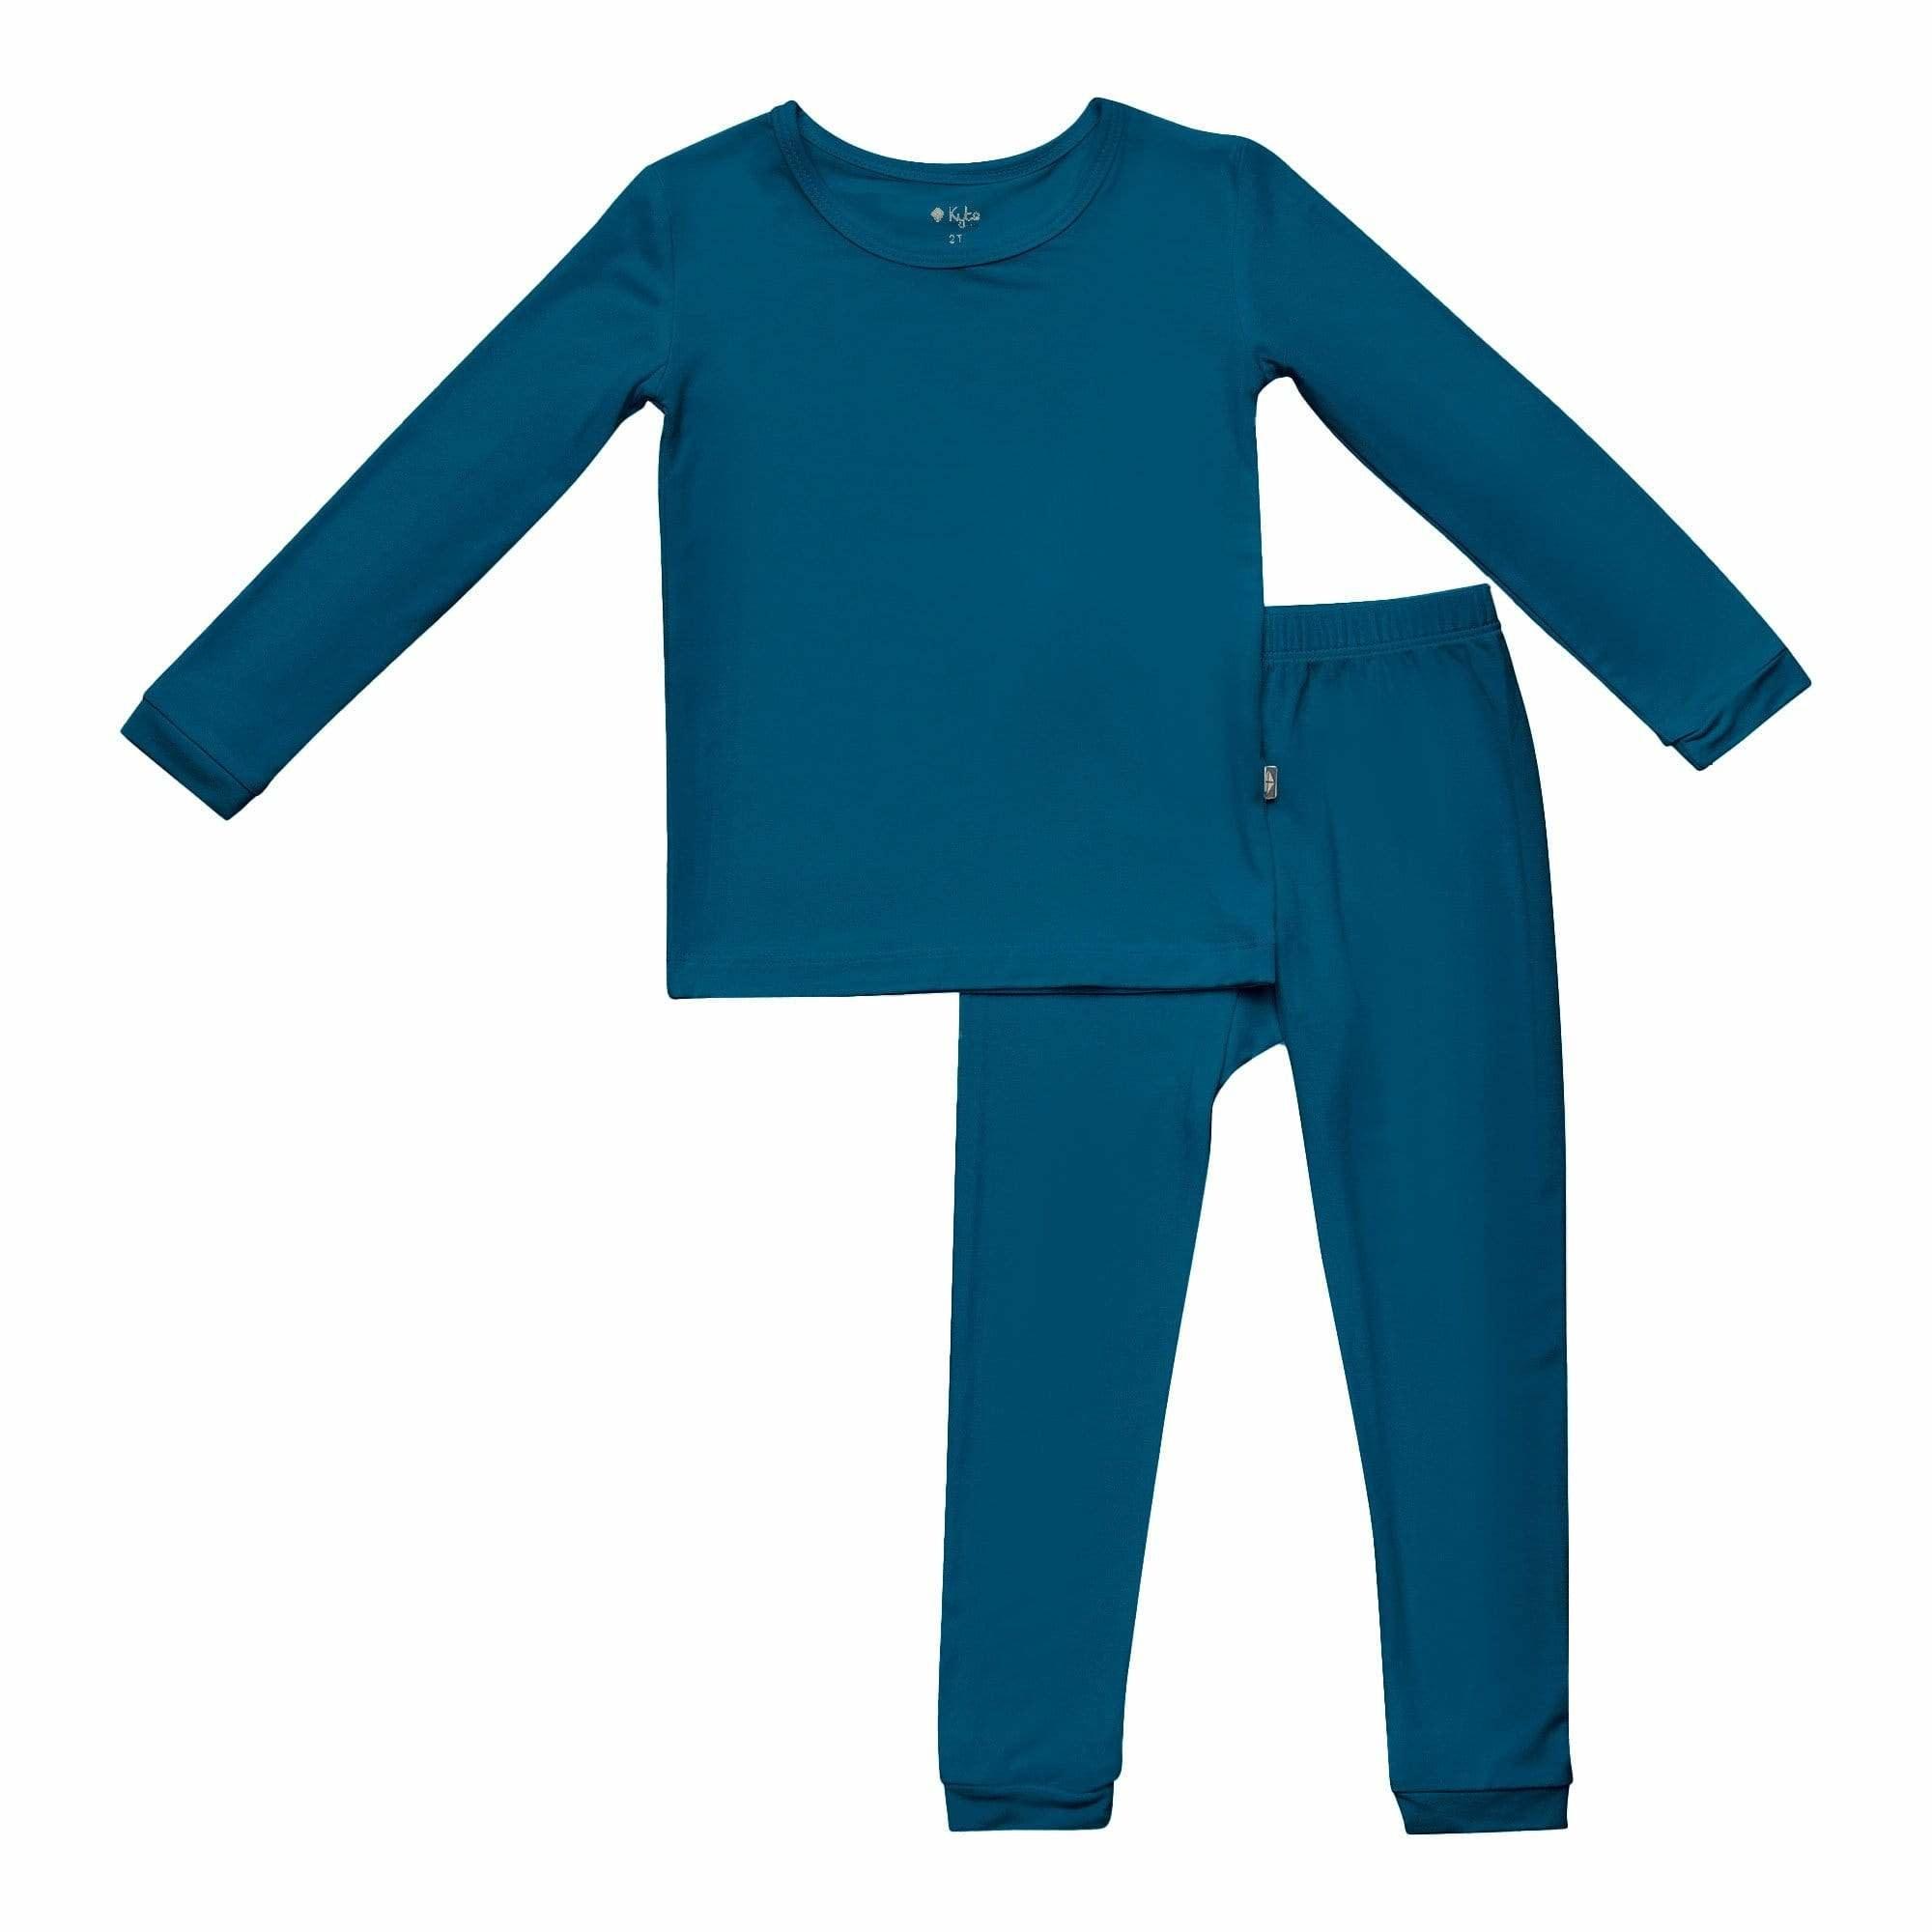 Kyte Baby Pajama Set - Baltic